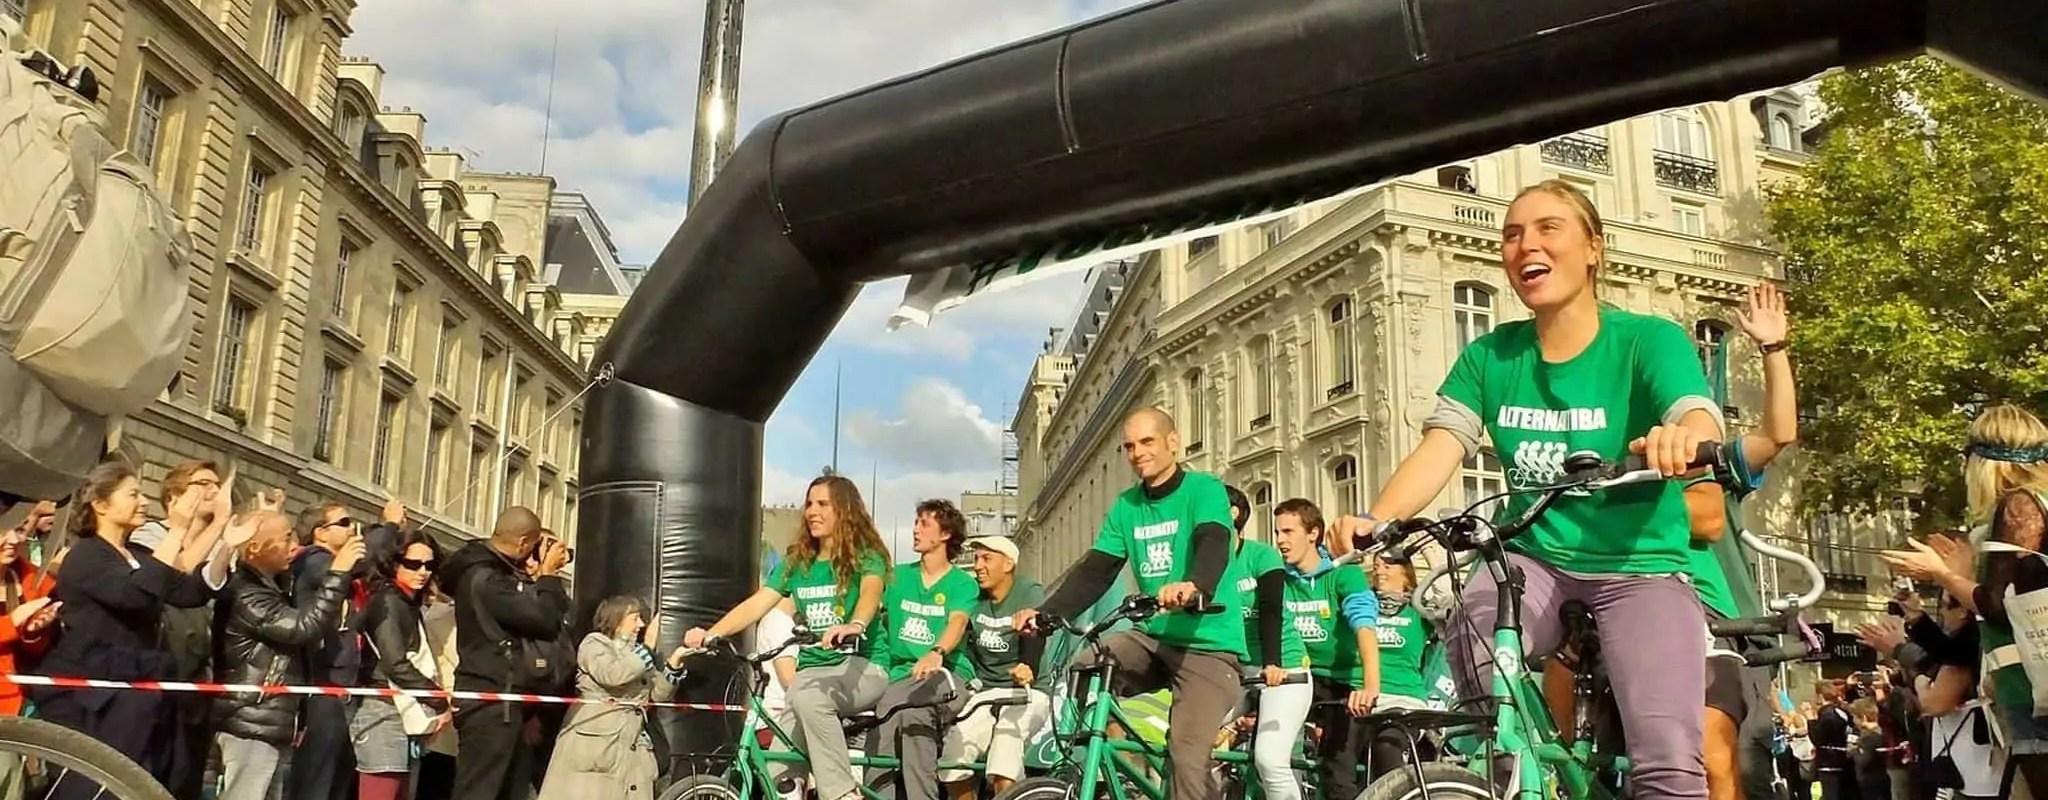 Vendredi et samedi, le Tour de France Alternatiba fait étape à Strasbourg